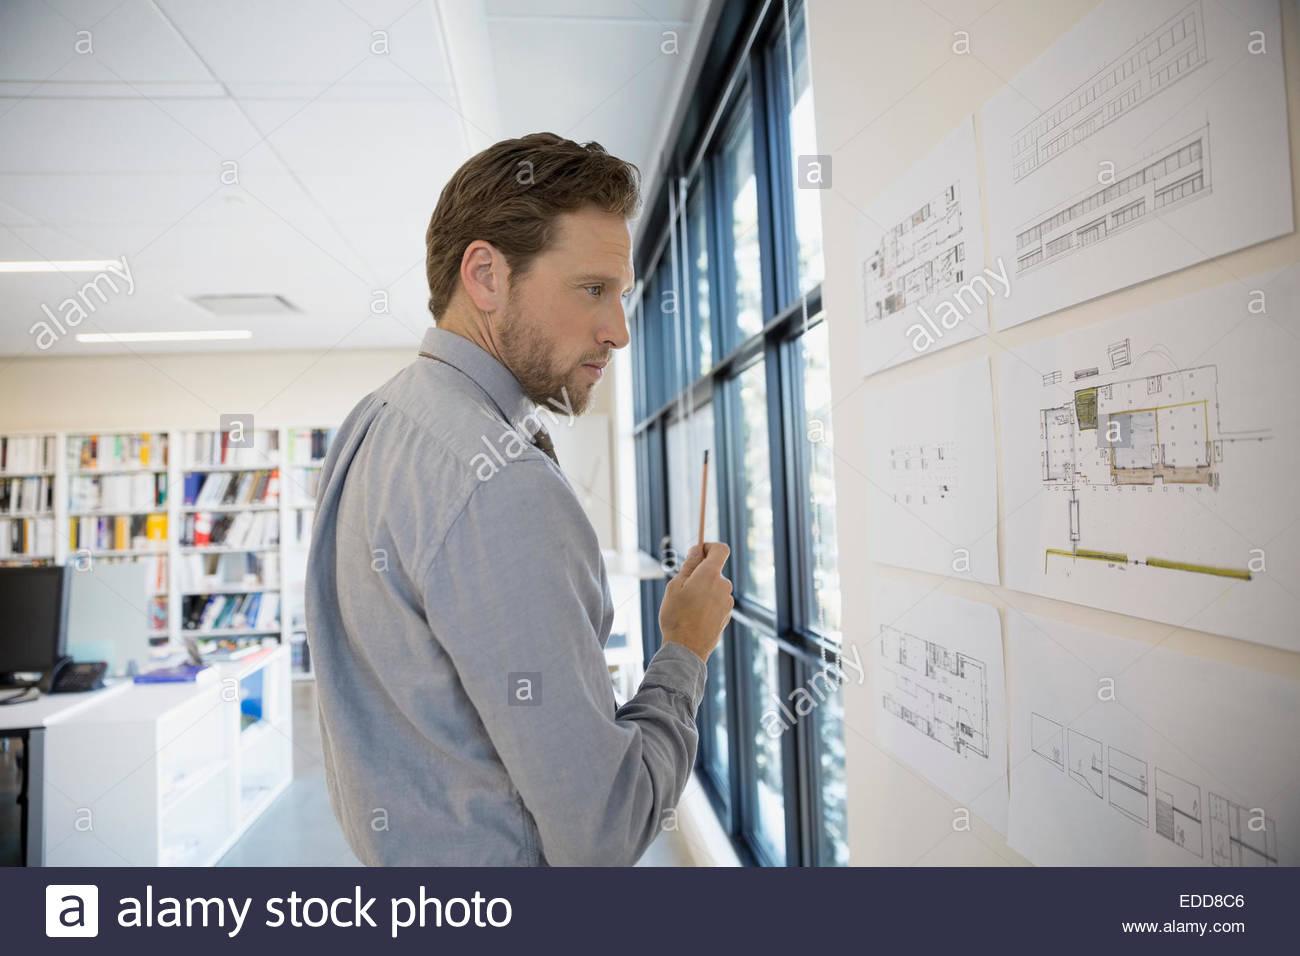 Architetto esaminando i piani sulla parete Immagini Stock